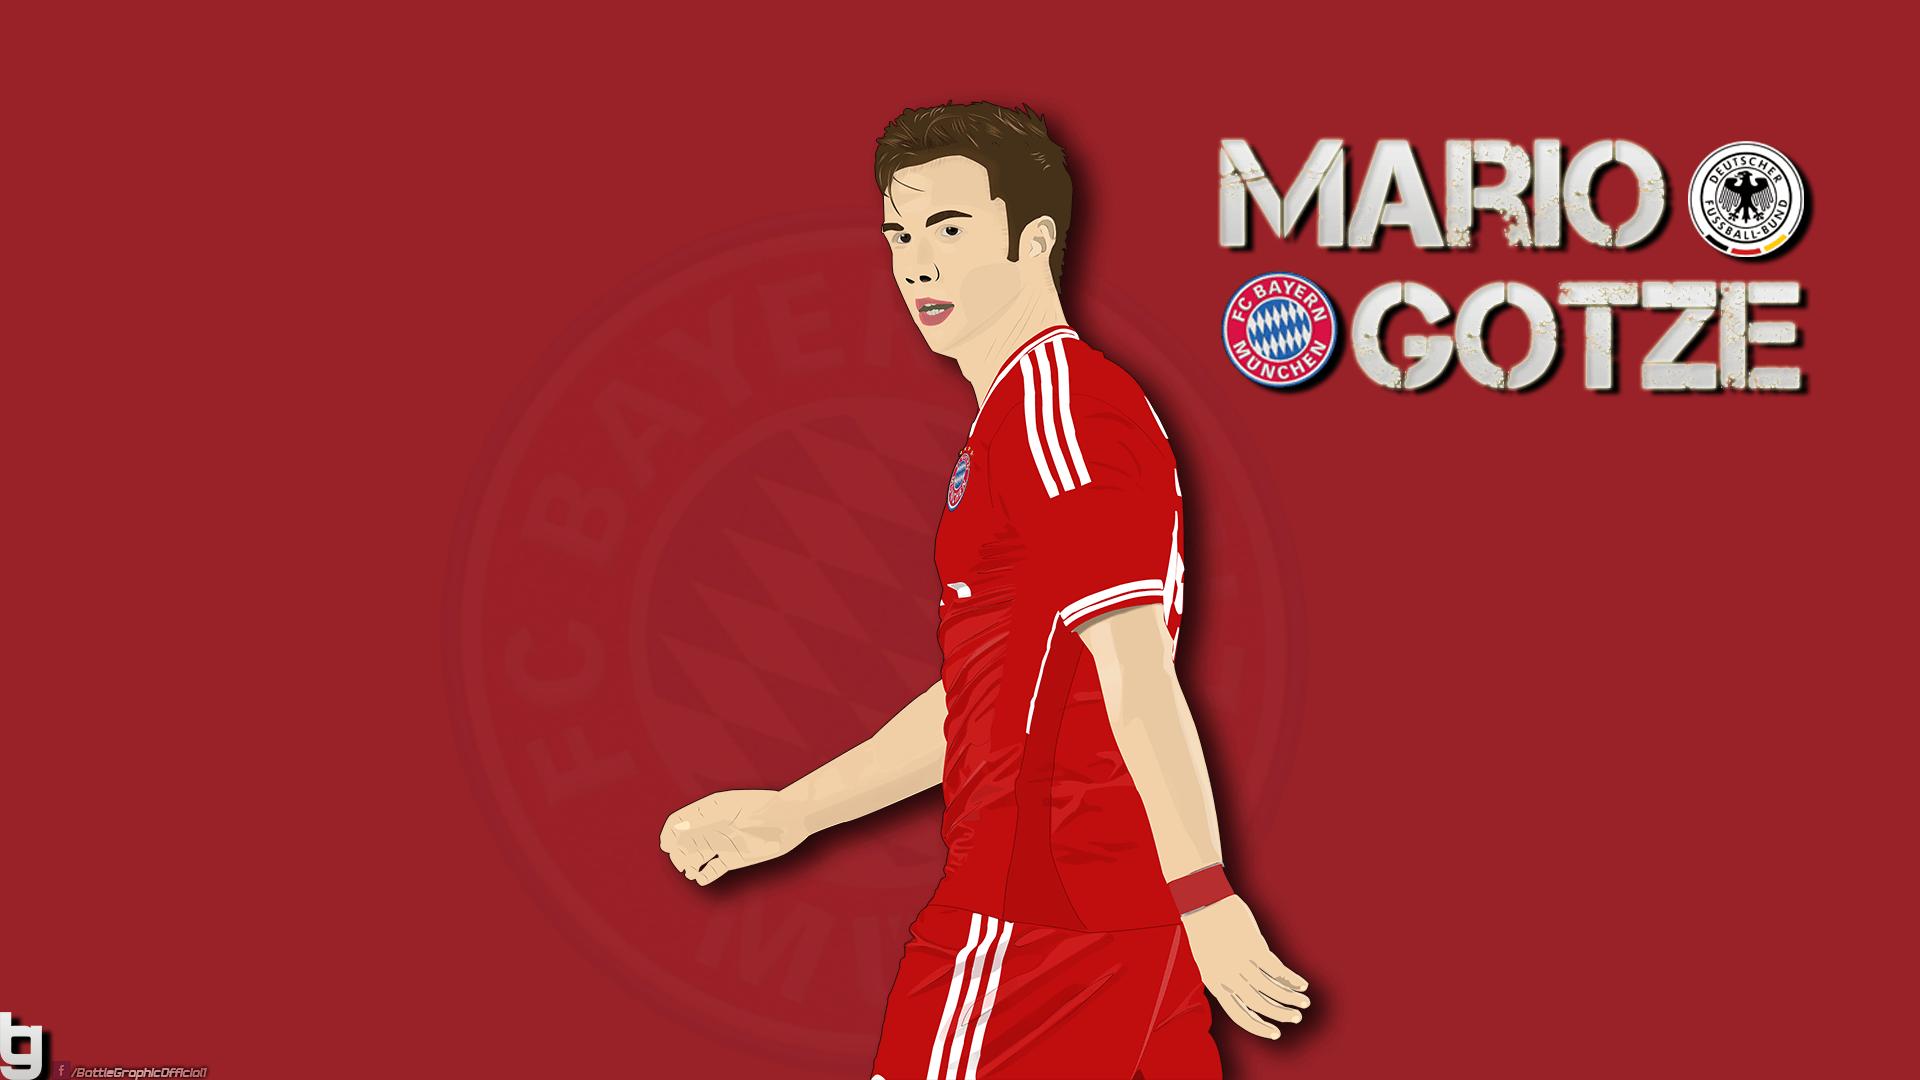 Mario gotze wallpaper